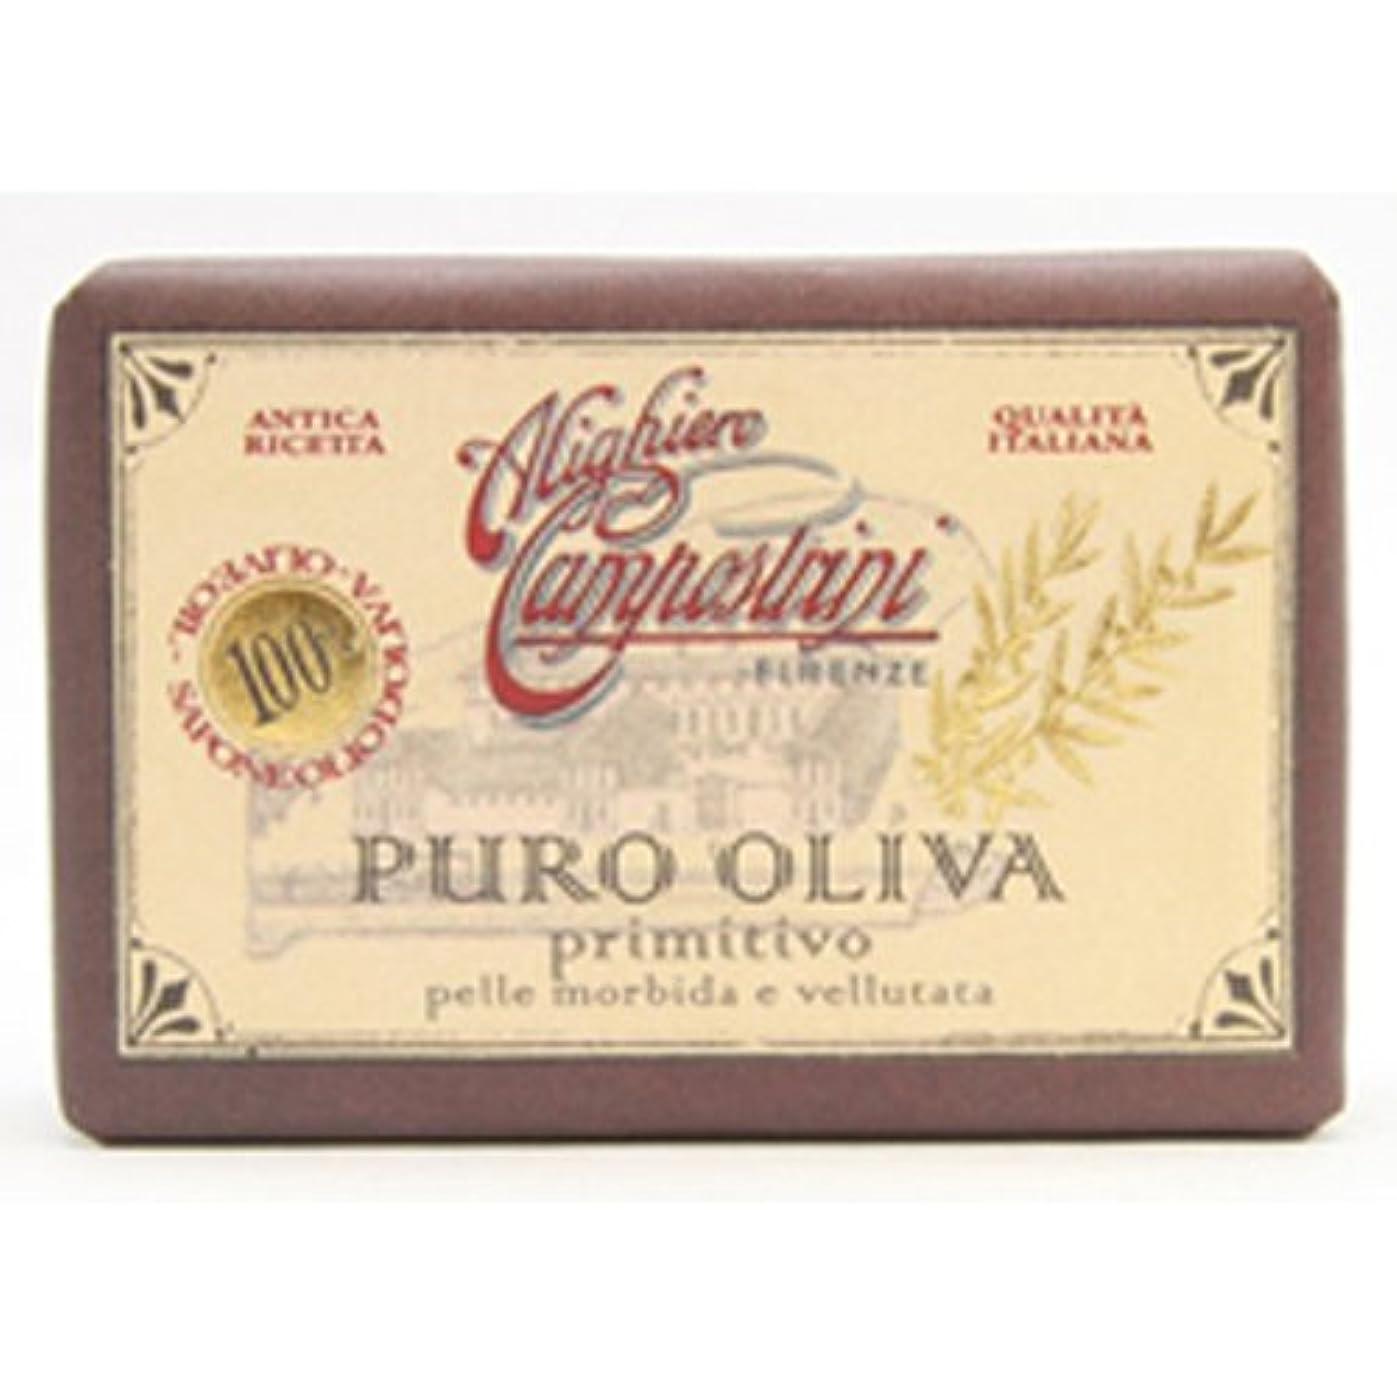 実質的かみそり意気揚々Saponerire Fissi サポネリーフィッシー PURO OLIVA Soap オリーブオイル ピュロ ソープ primitivo オリジナル 150g